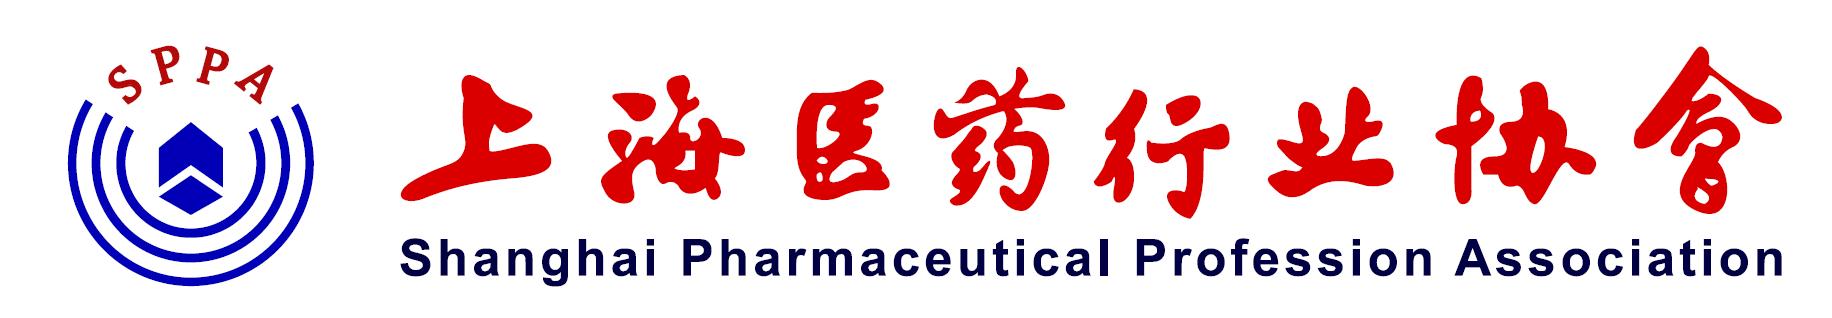 医药合规及风险防范沙龙11月上海